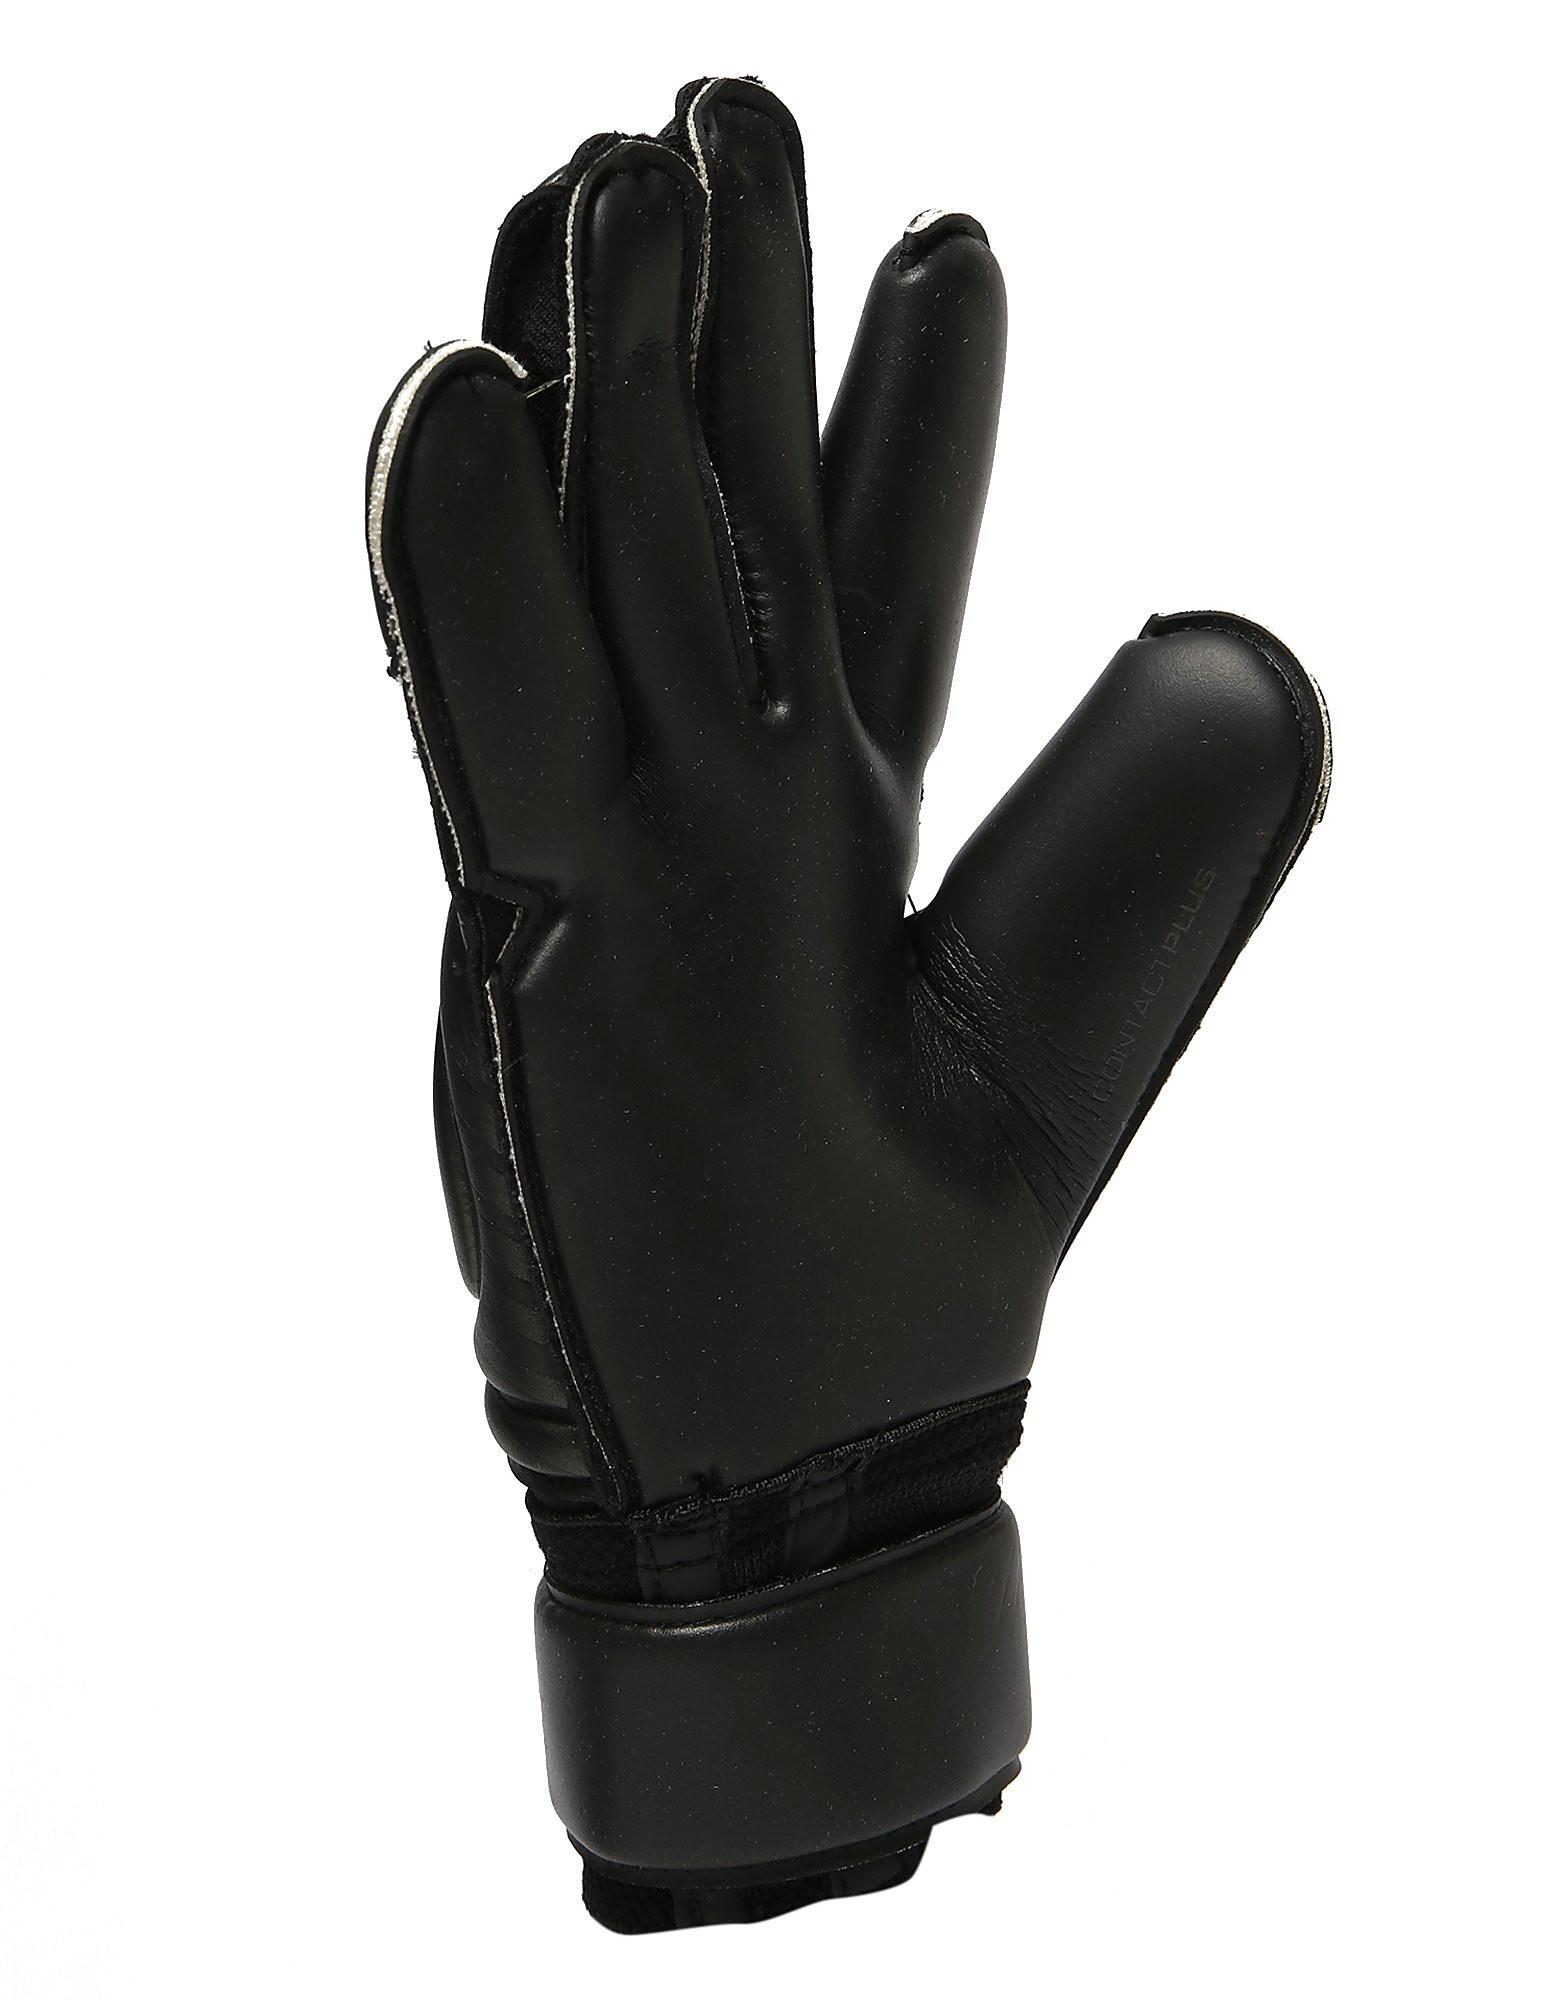 Nike Vapor Grip3 Goalkeeping Gloves